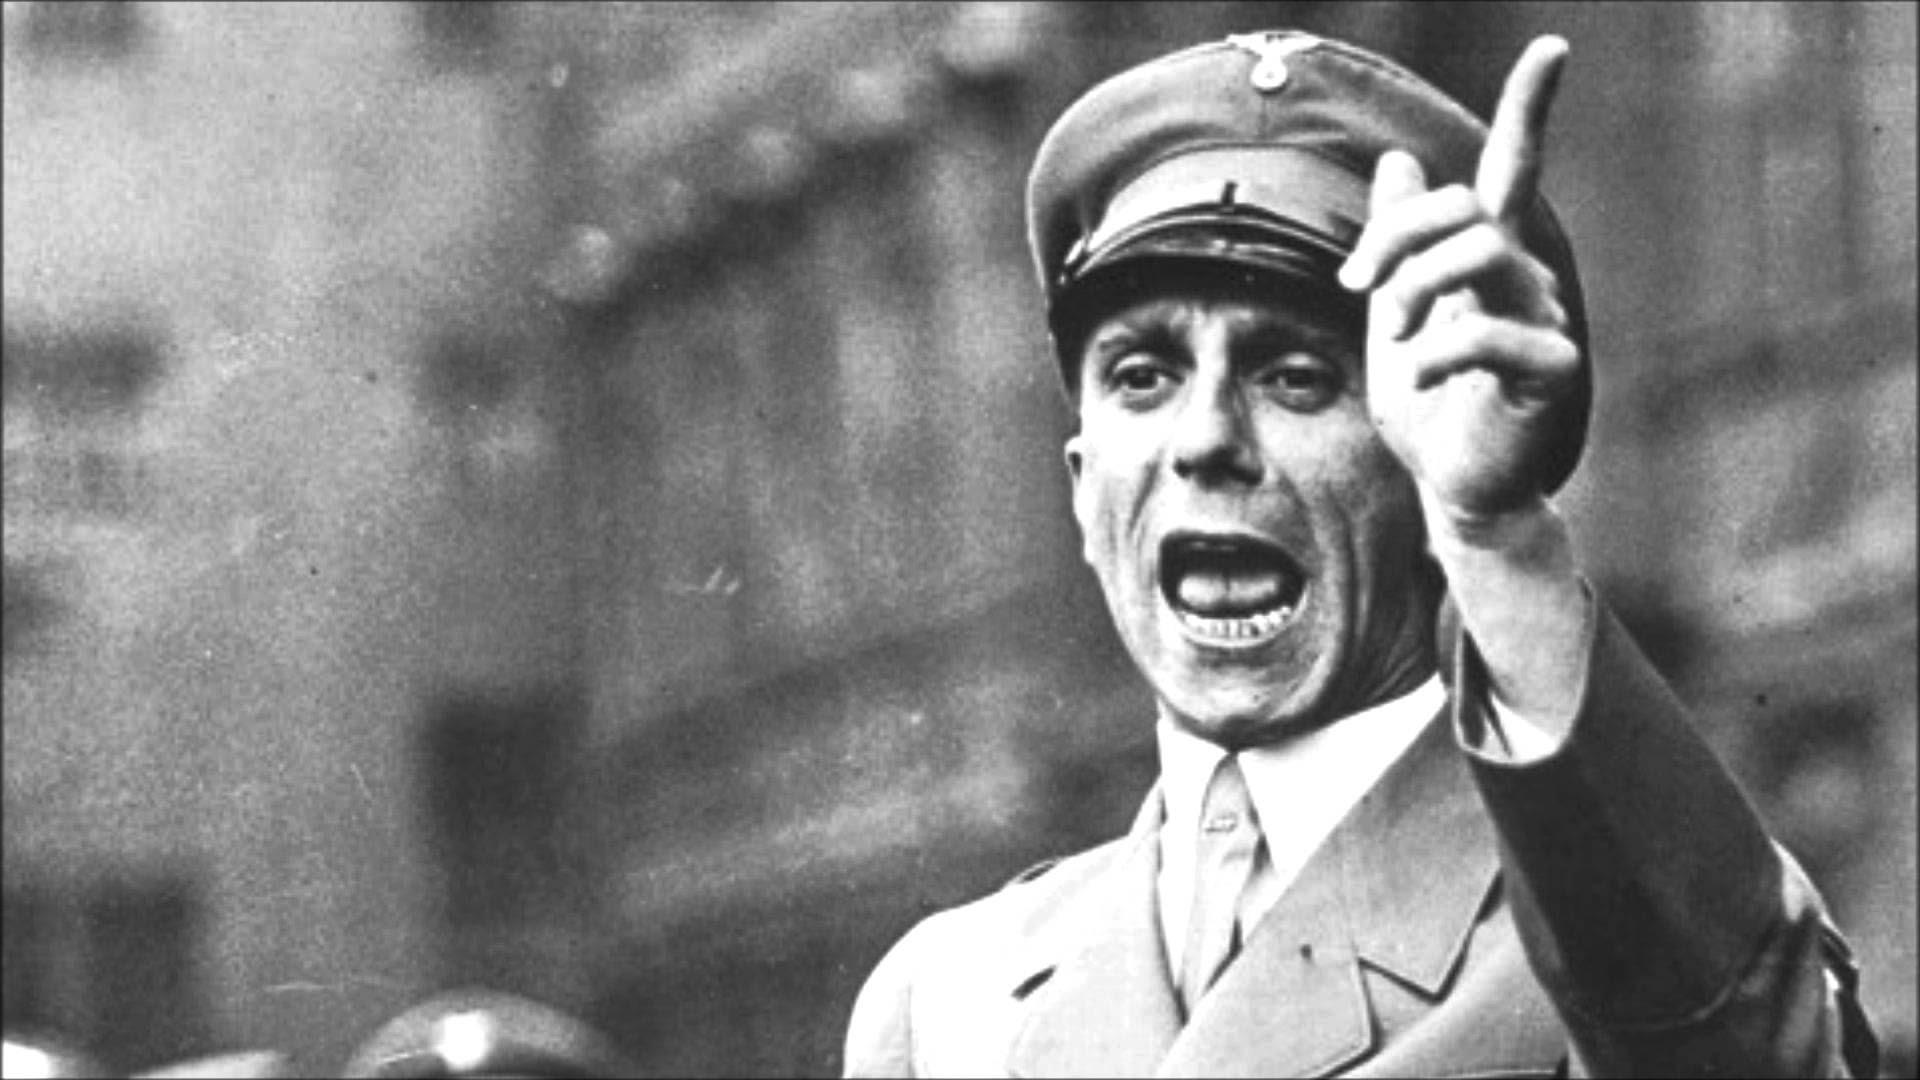 Joseph Goebbels – Hitler's Propaganda Minister